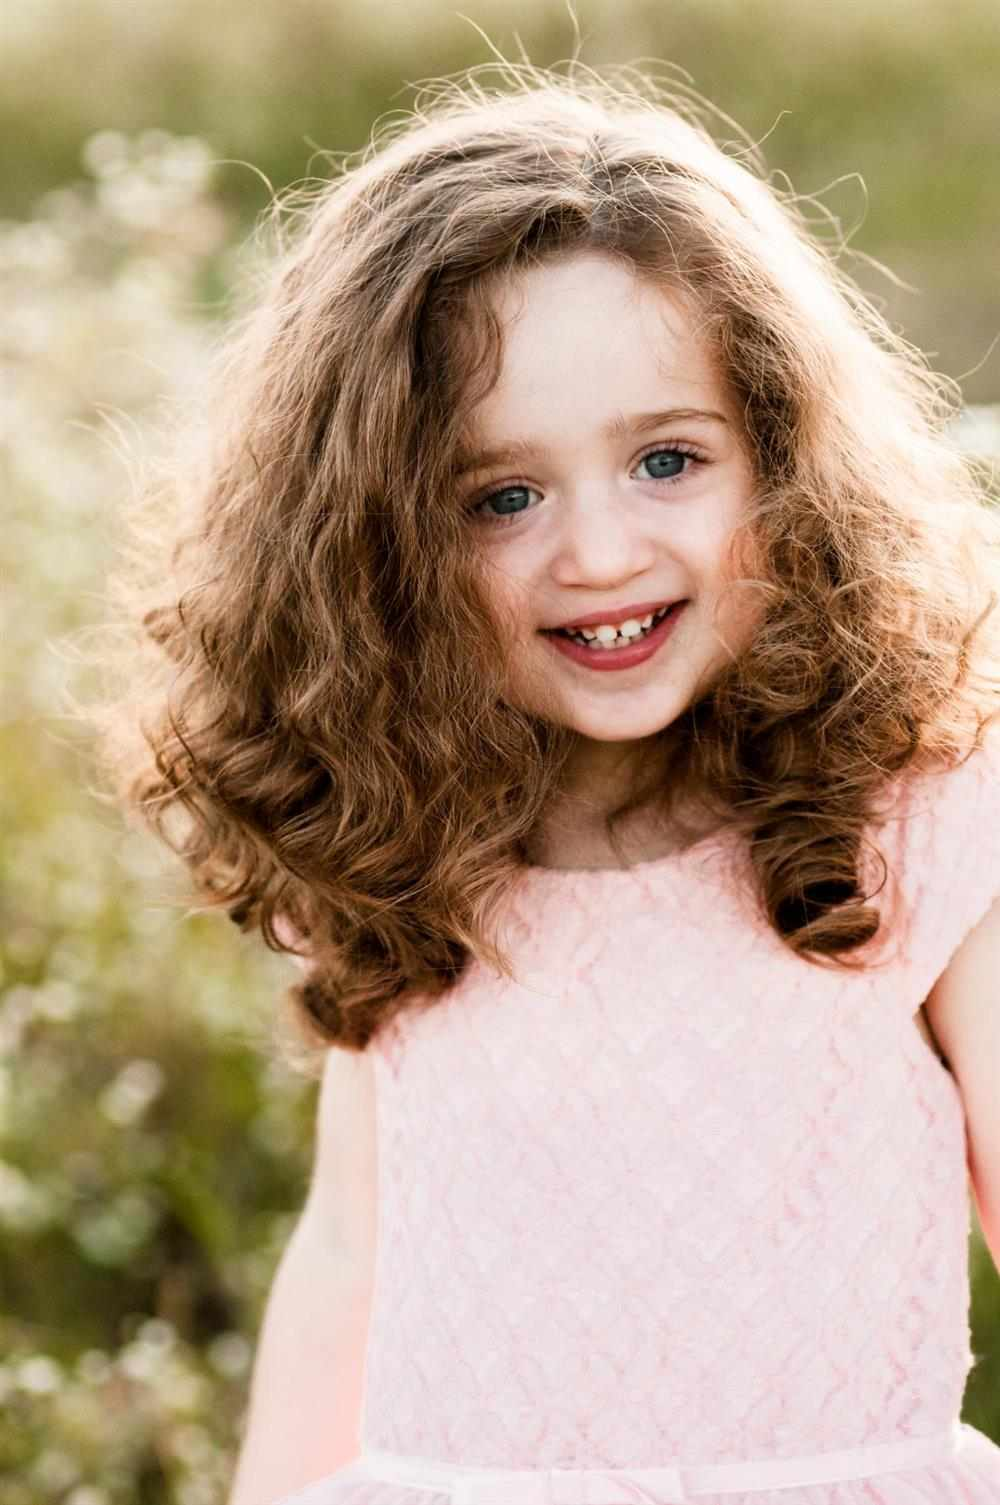 corte de cabelo infantil feminino cacheado